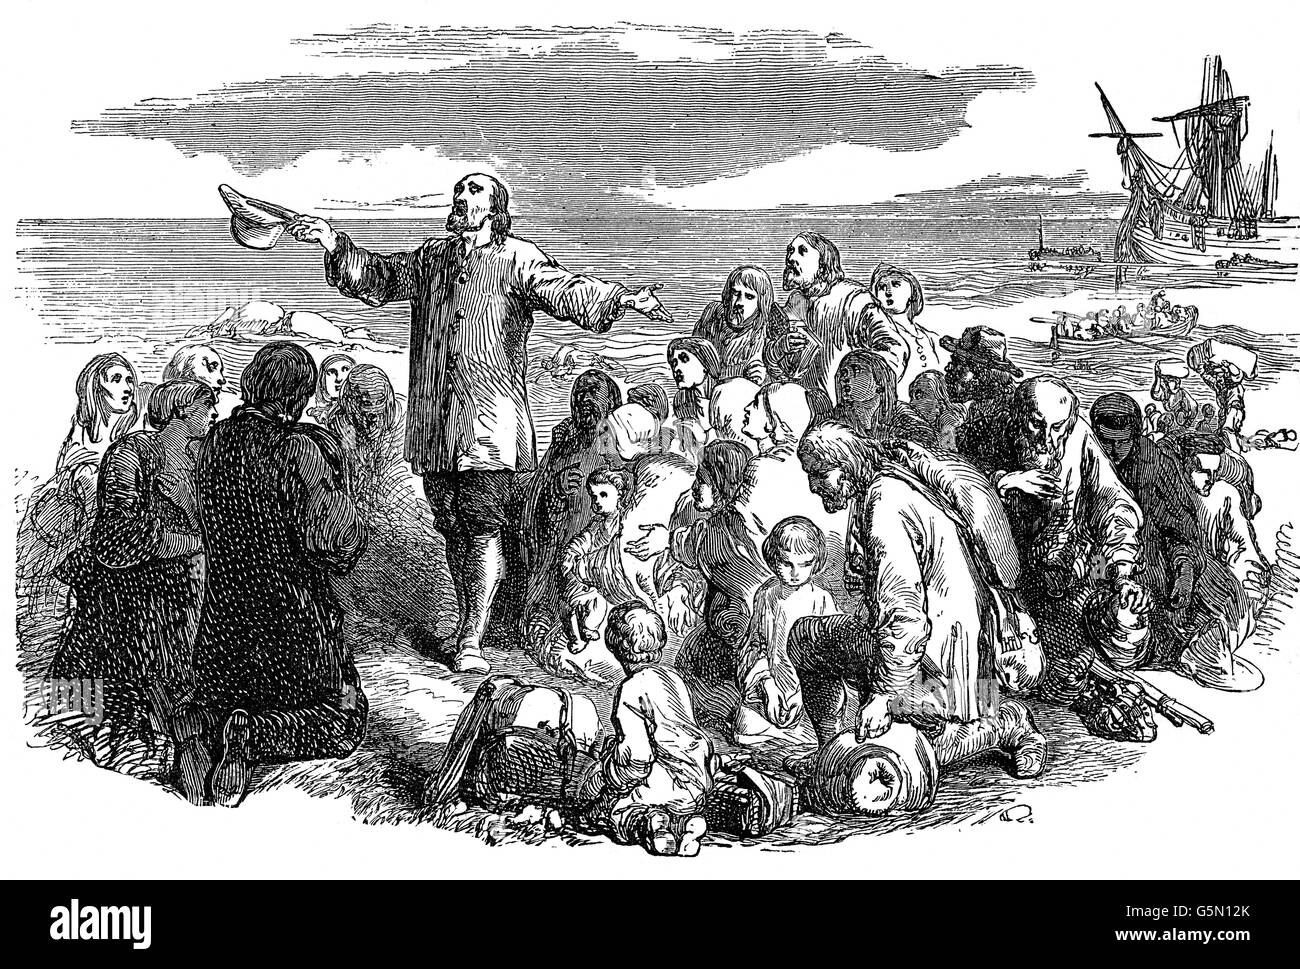 Nonkonformist Puritaner Landung in Amerika nach 1660 nach Charles II nach England zurück zu Monarch verbannt werden... Stockfoto